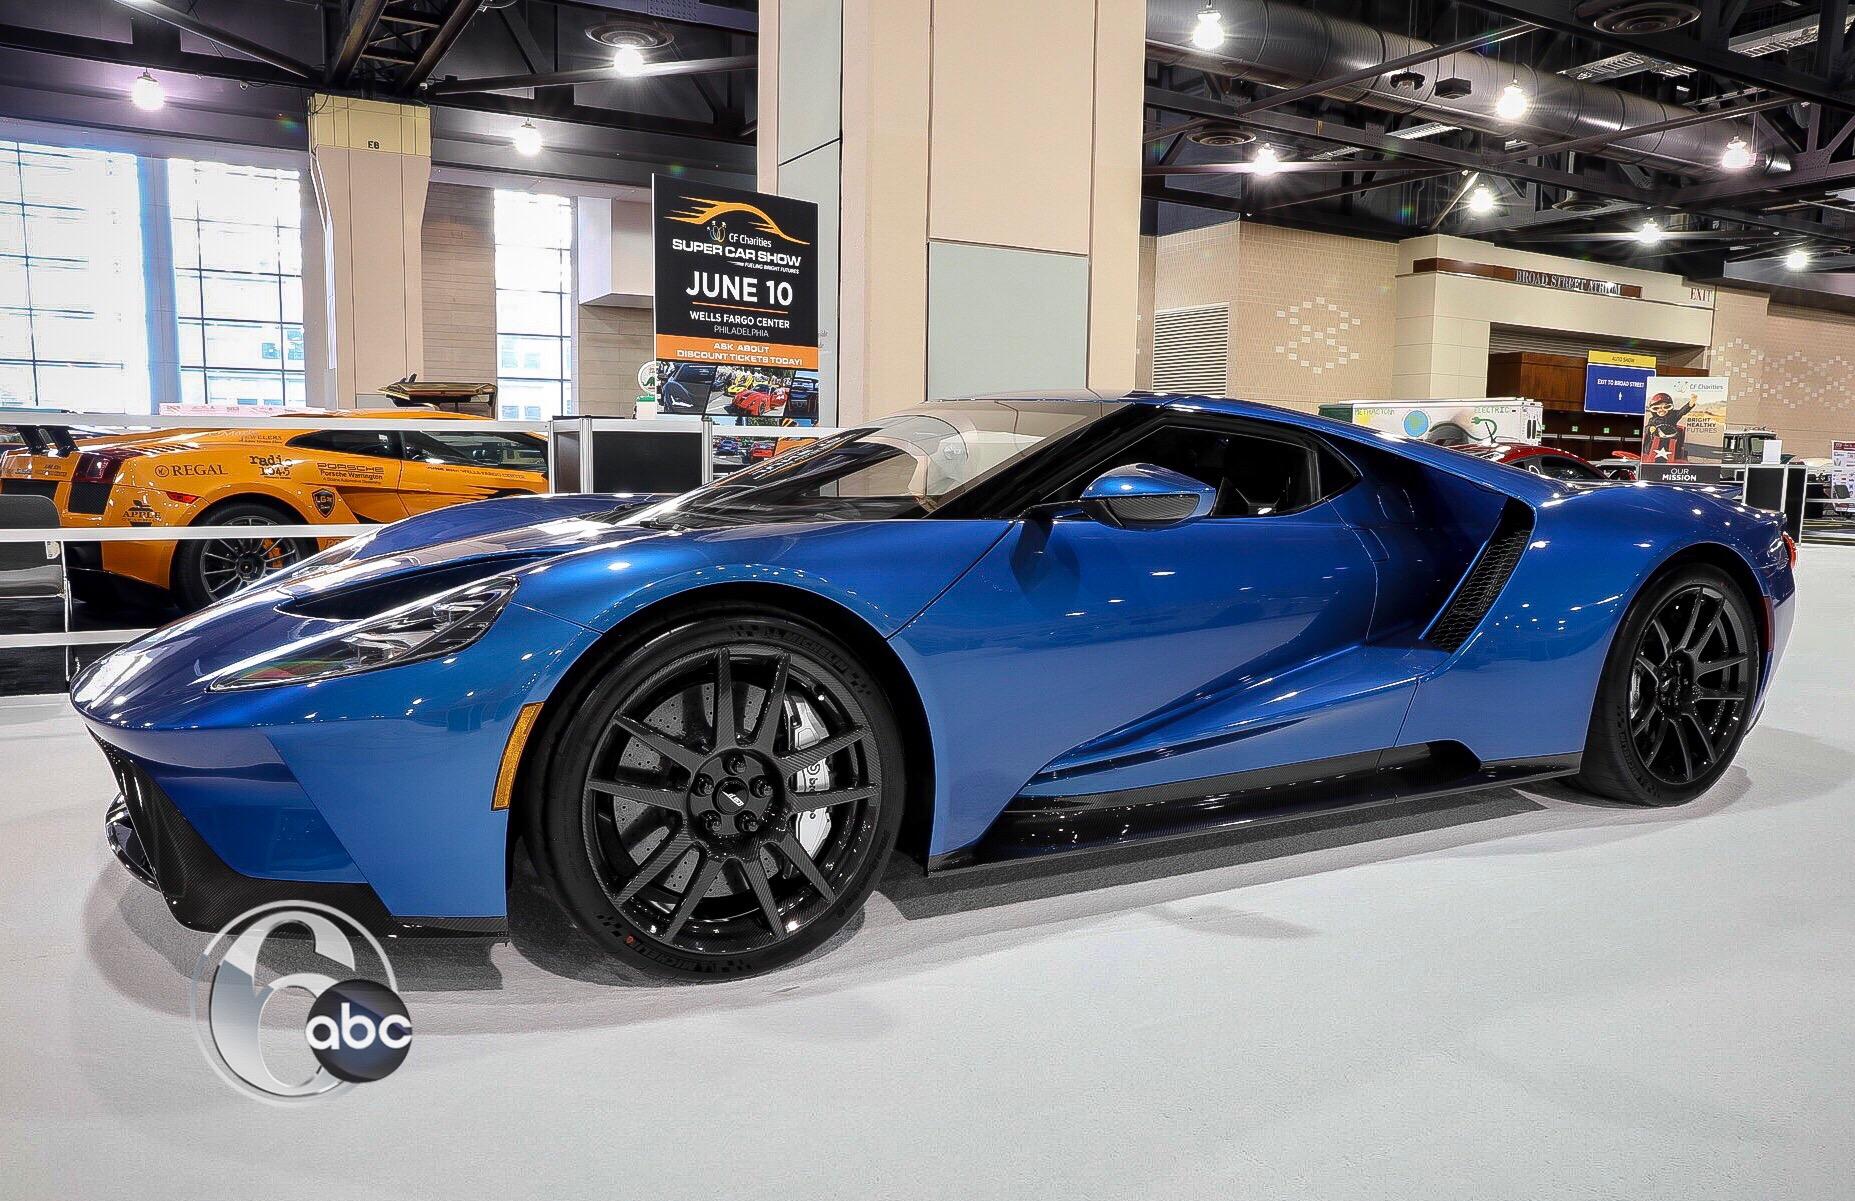 PHOTOS Philadelphia Auto Show Abccom - Where is the car show today